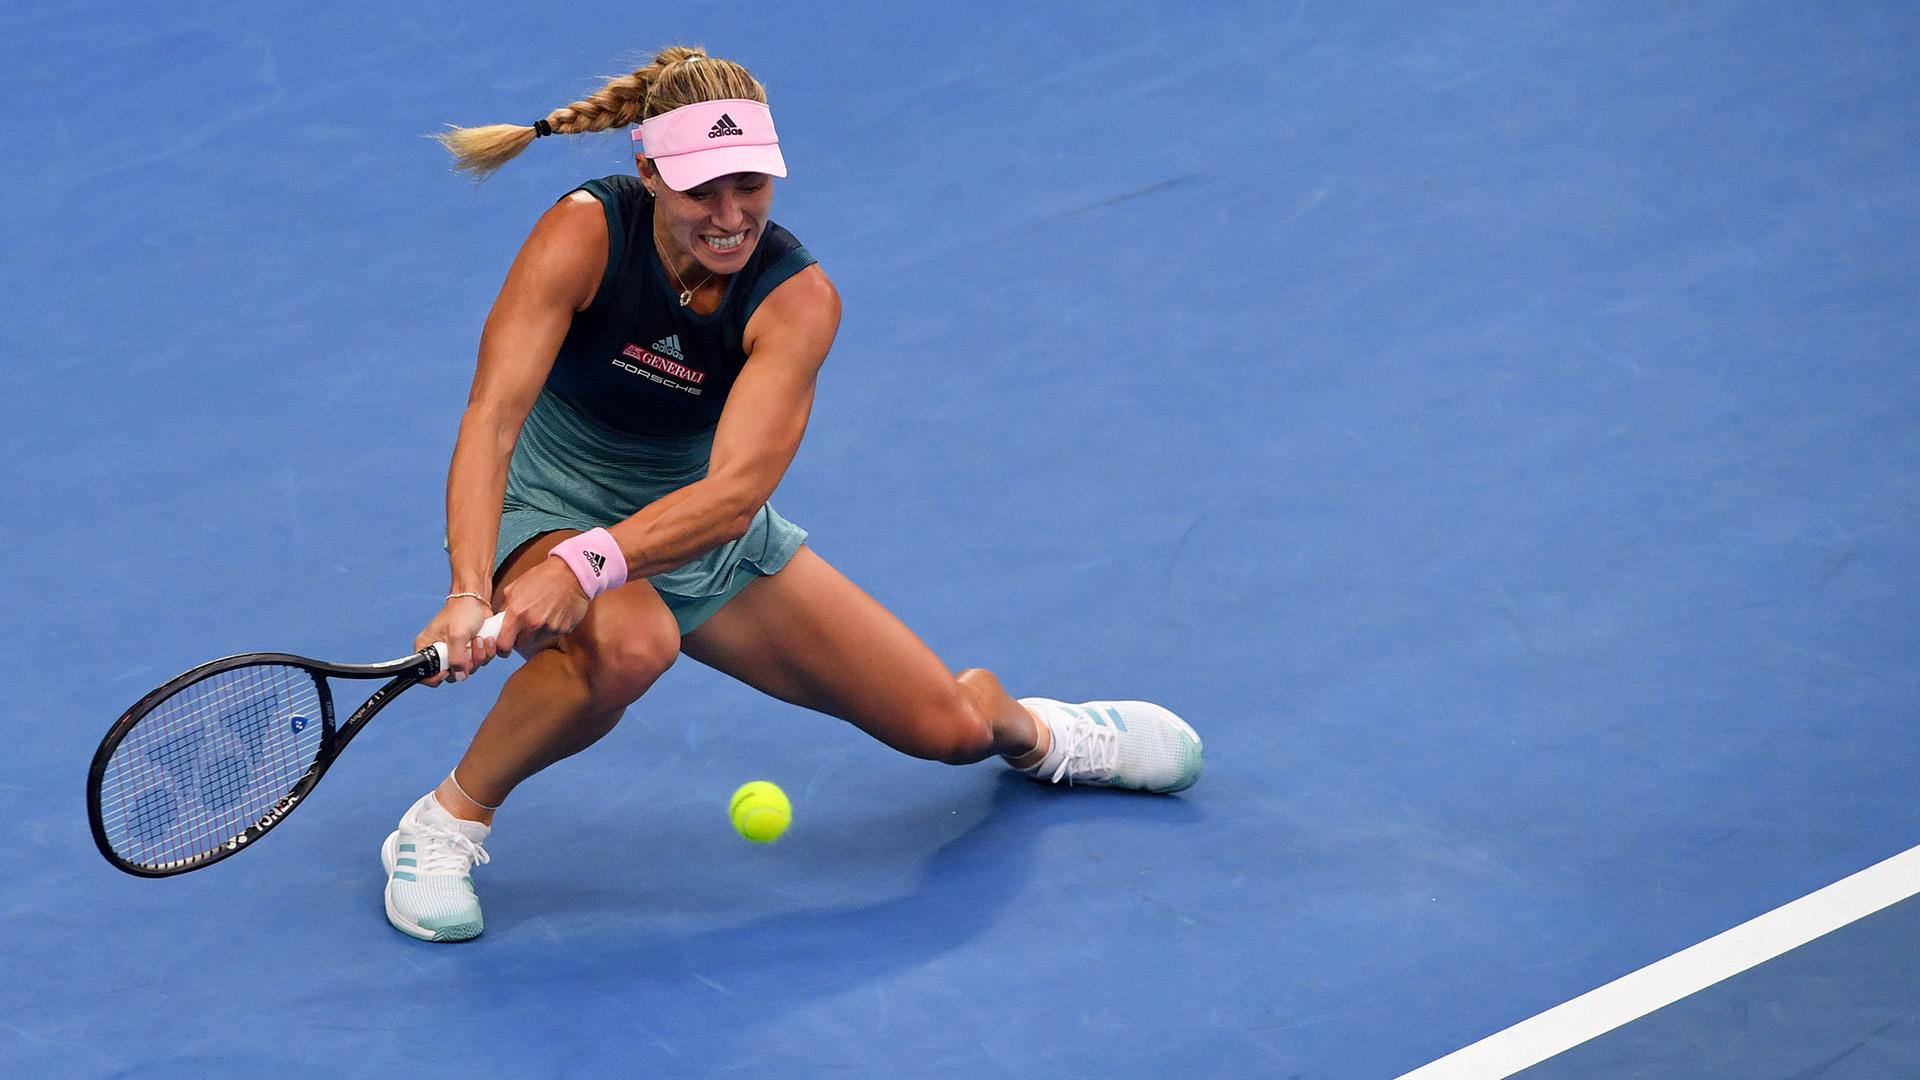 La alemana Angelique Kerber (número 2 del mundo), la danesa Caroline Wozniacki (3ª y defensora del título) y la estadounidense Sloane Stephens (5ª) se clasificaron fácilmente